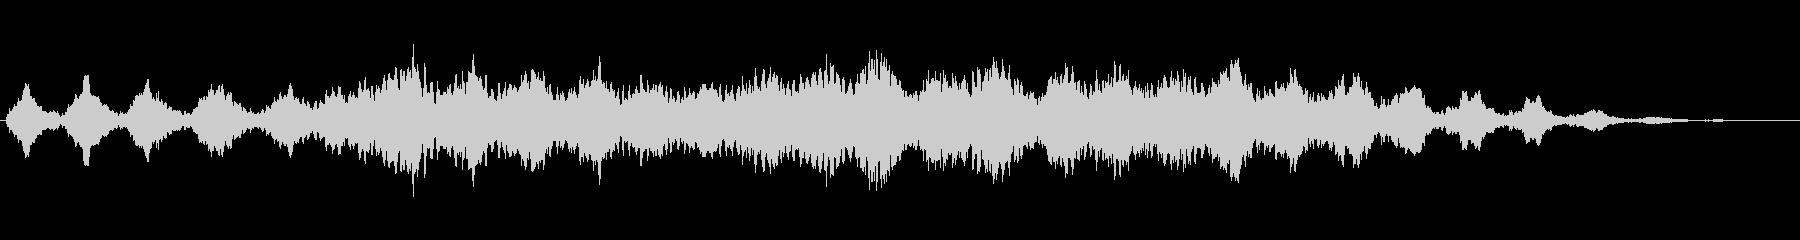 南極の銀世界をイメージした環境音楽の未再生の波形